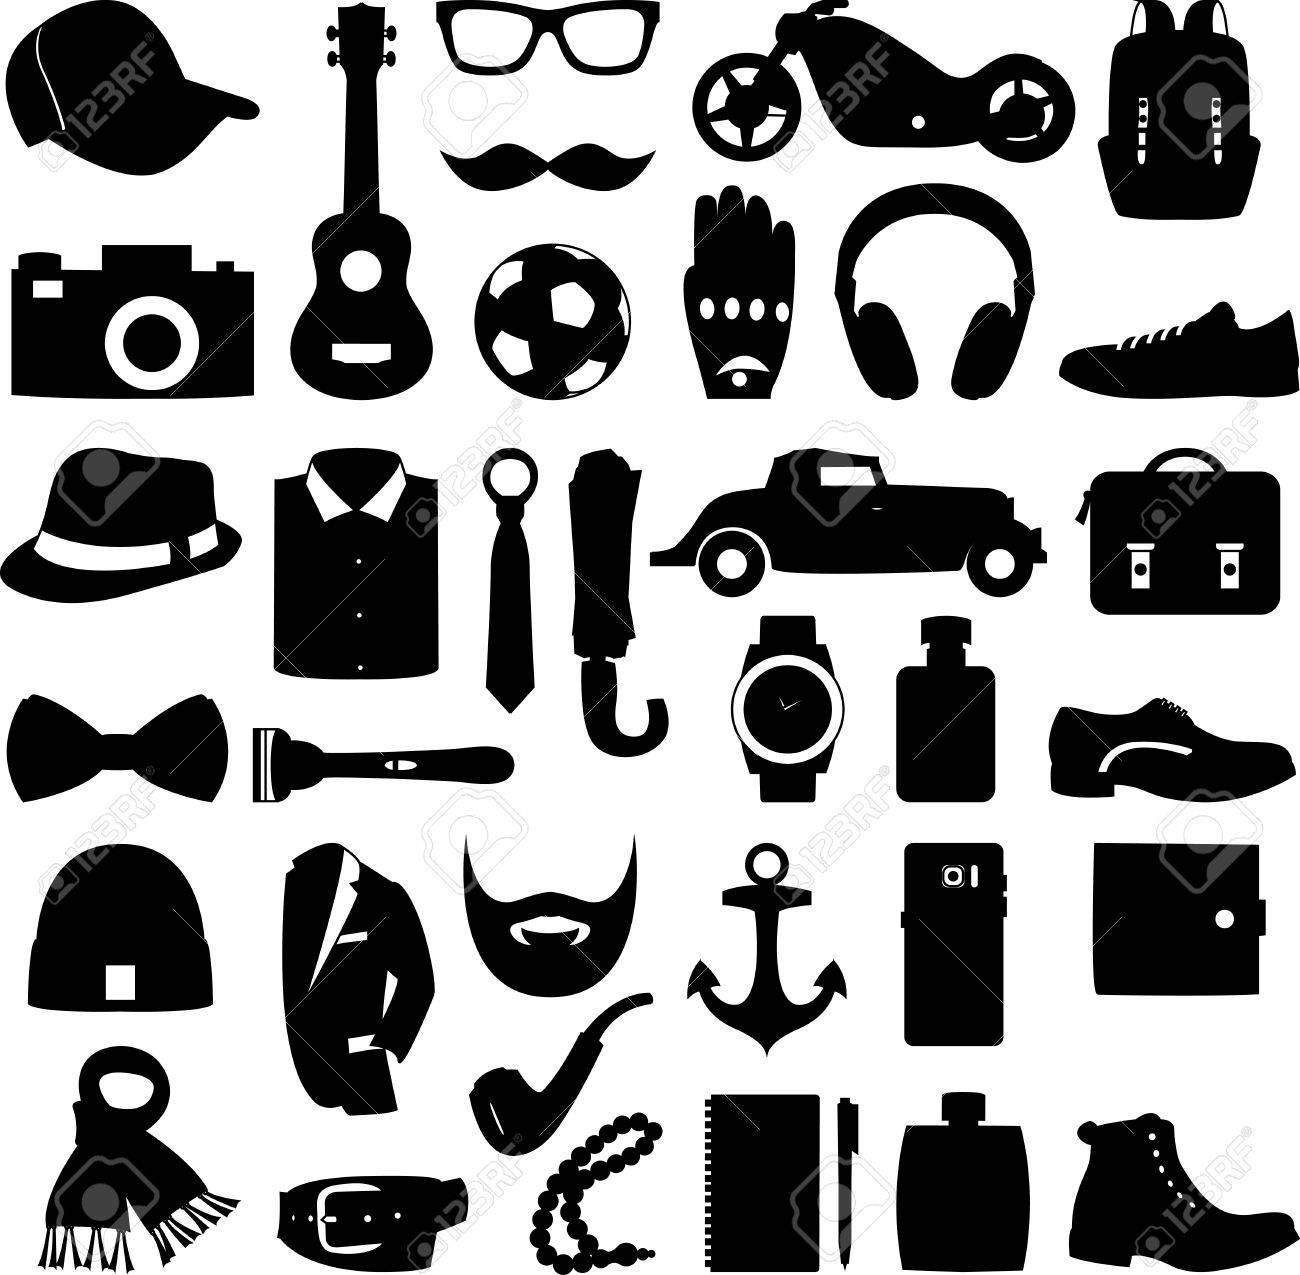 c2cfd39f Foto de archivo - Ilustración conjunto de accesorios de moda y estilo de  ropa y zapatos de los hombres